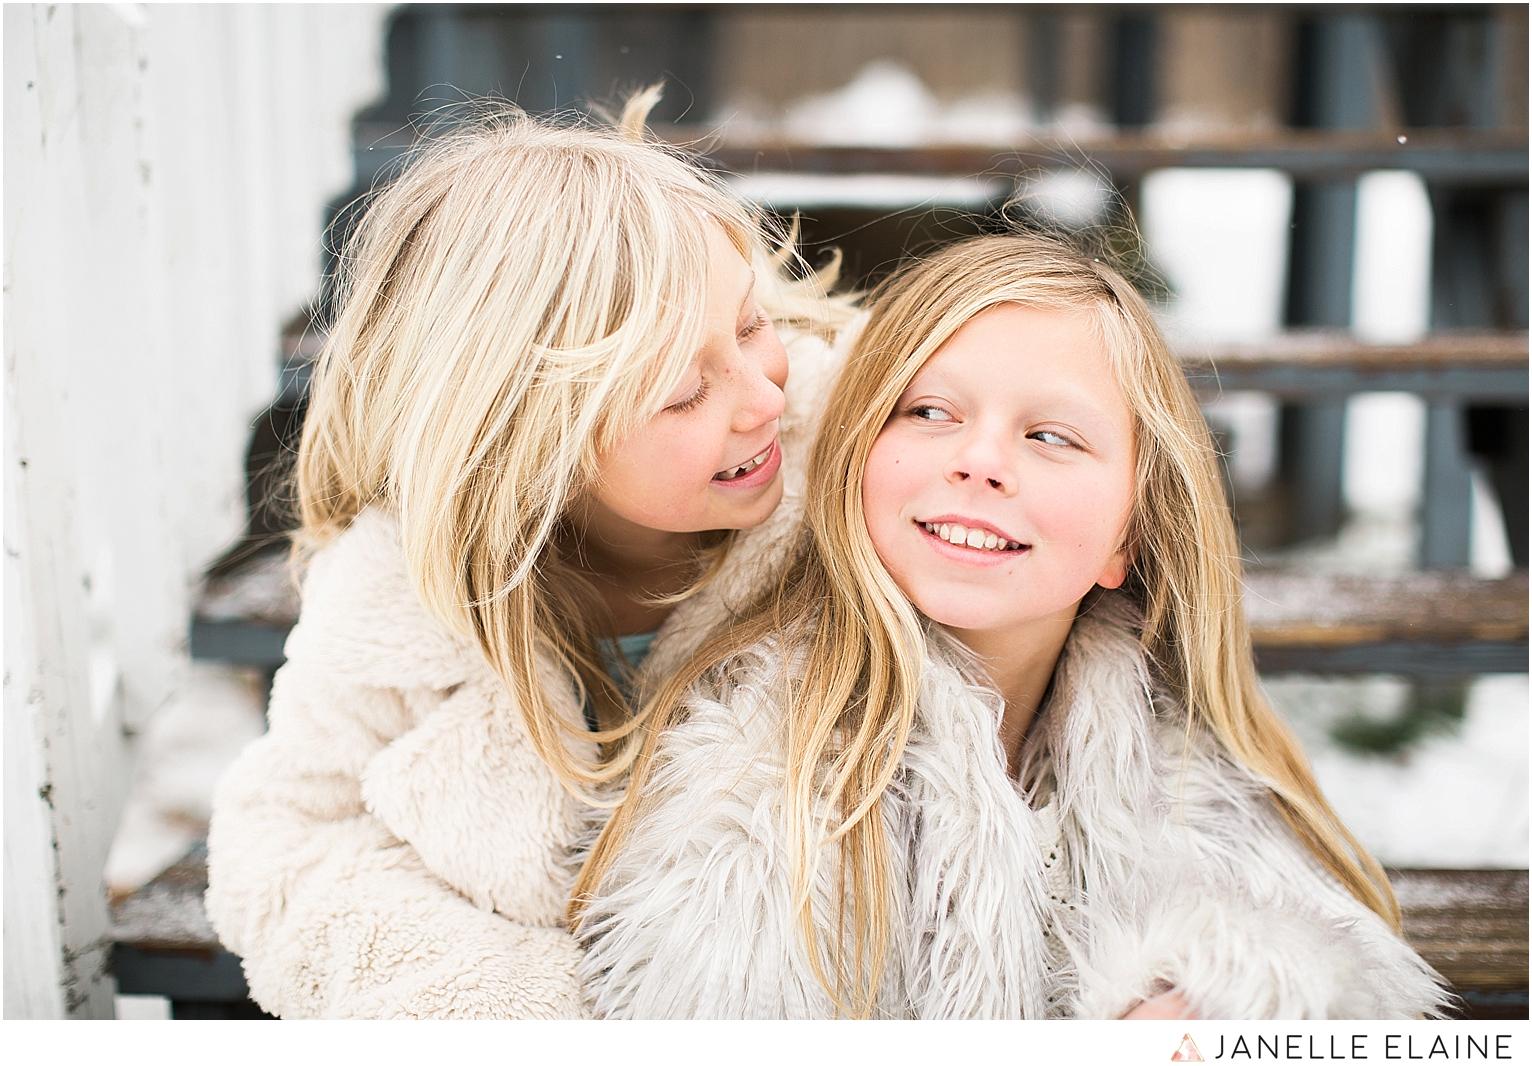 seattle-washington lifestyle photographer-janelle elaine-callie and char-54.jpg